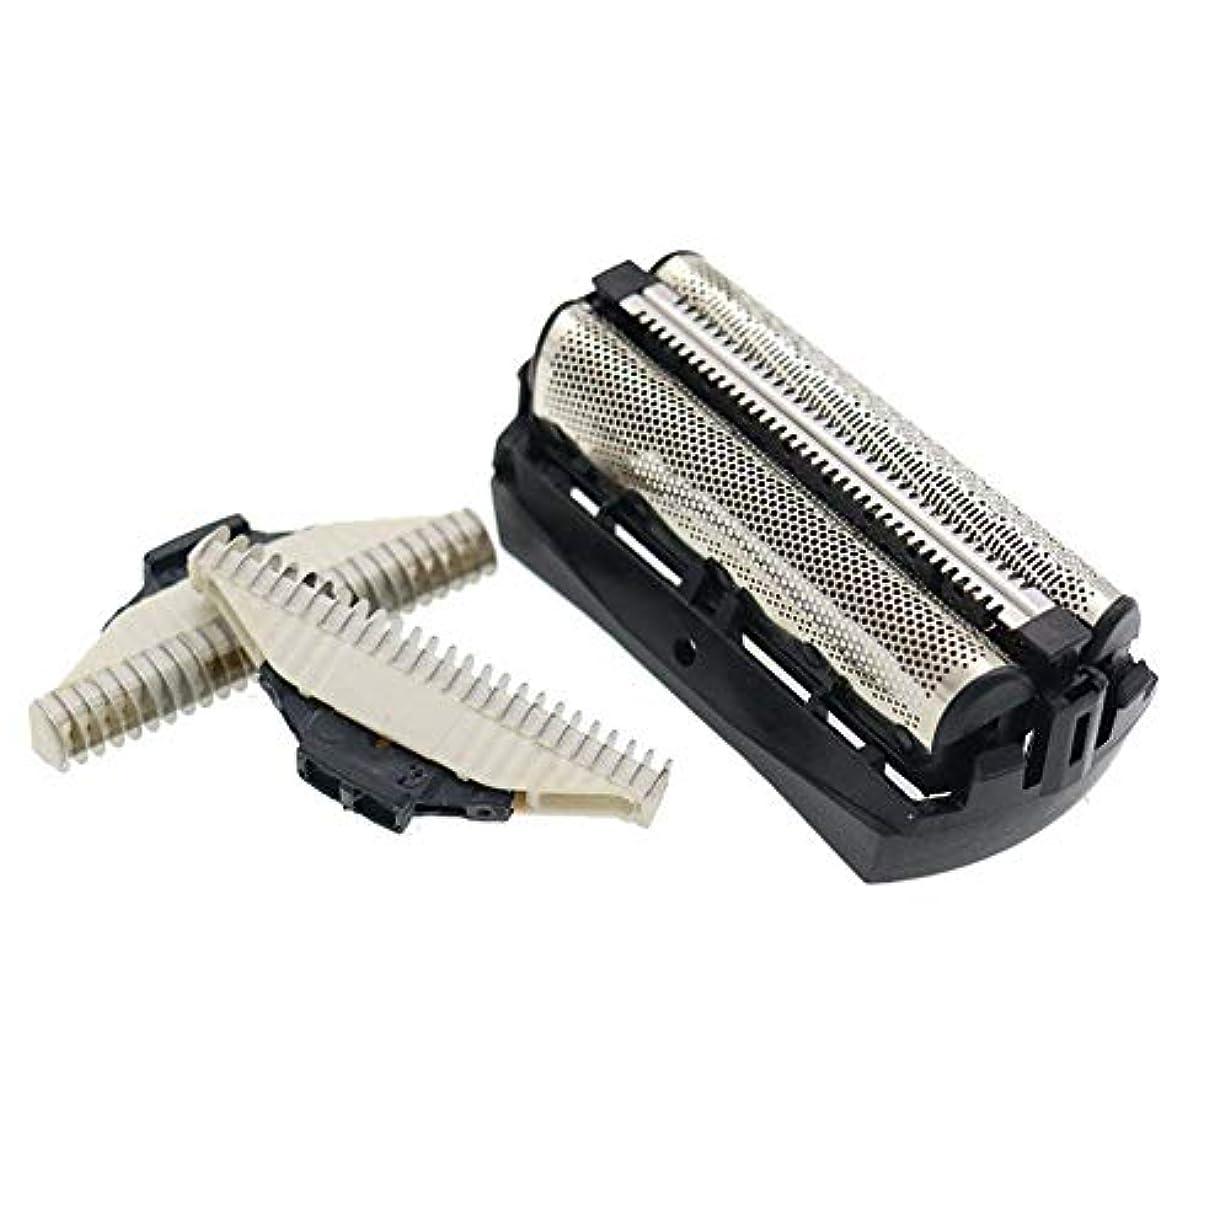 足権限を与える挽くWuYan 交換用 シェーバー ホイル カッター ユニット シェーバー ヘッド互換性 Philips Qc5550 Qc5580 ロータリー ブレード 男性用 トリマー カミソリ アクセサリー